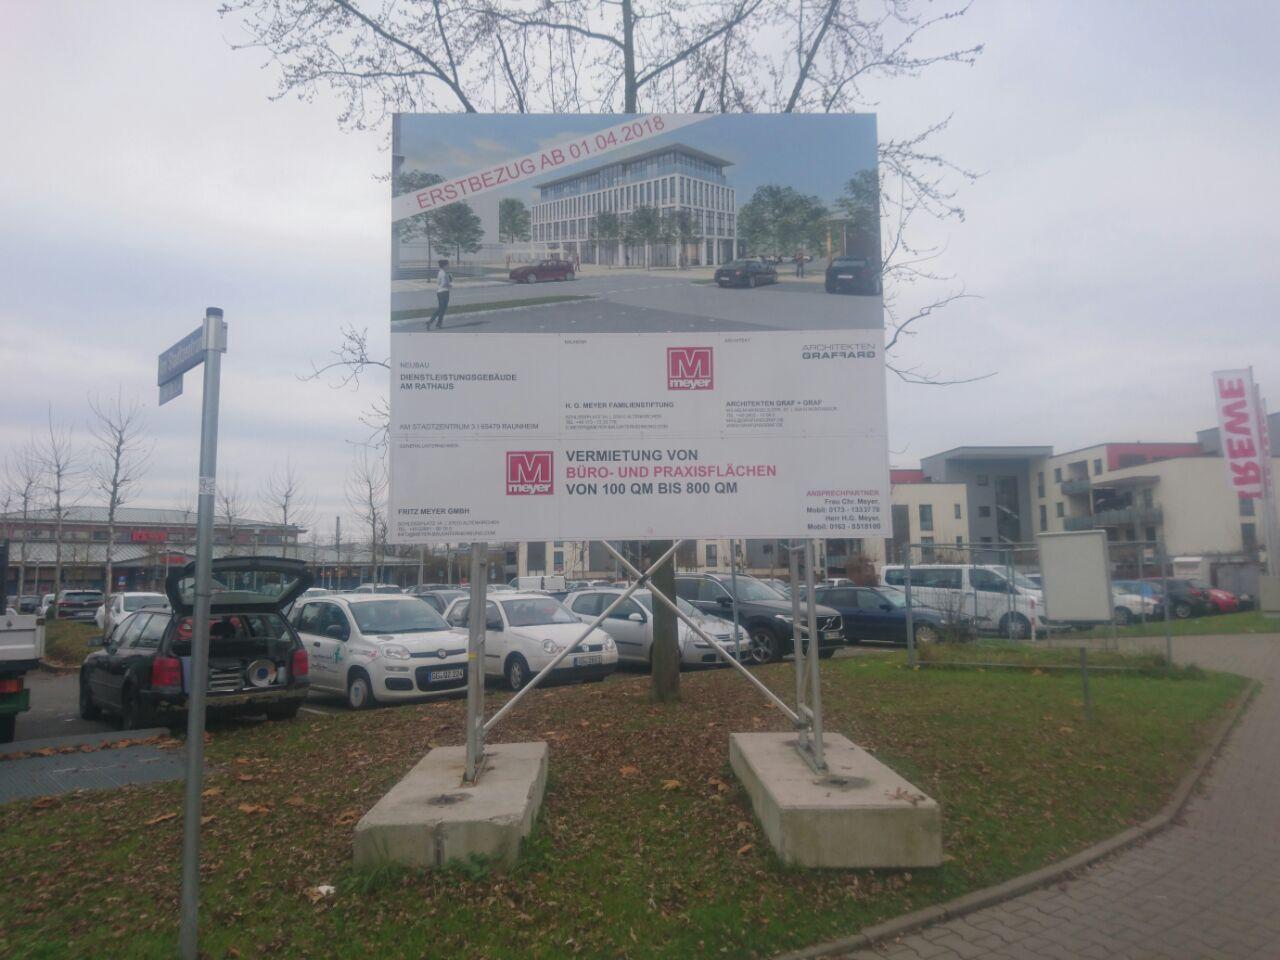 Bauschild für Meyer an einem Parkplatz